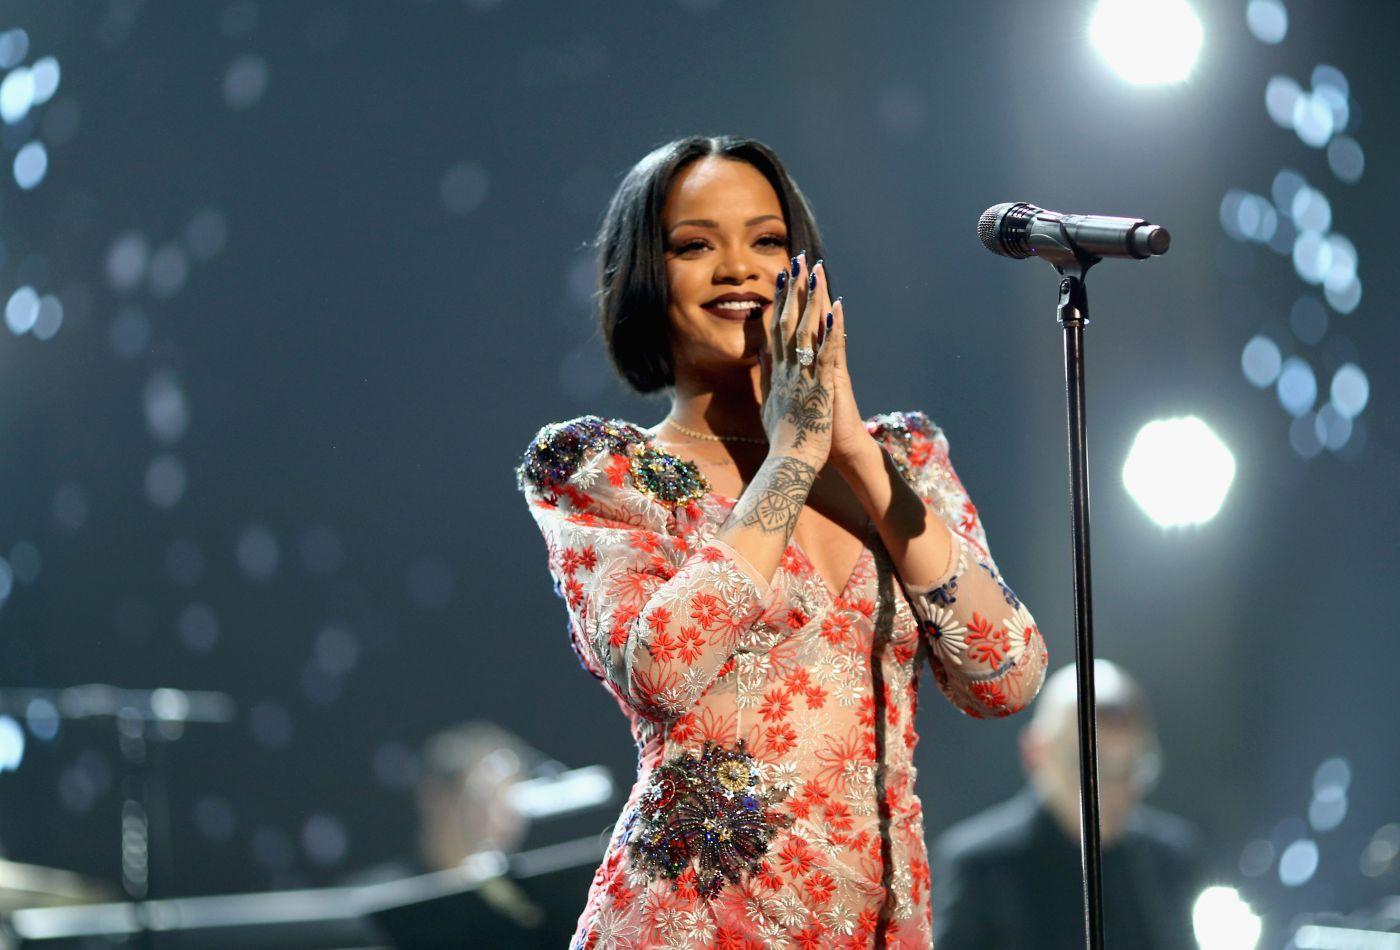 Rihanna: $62 million